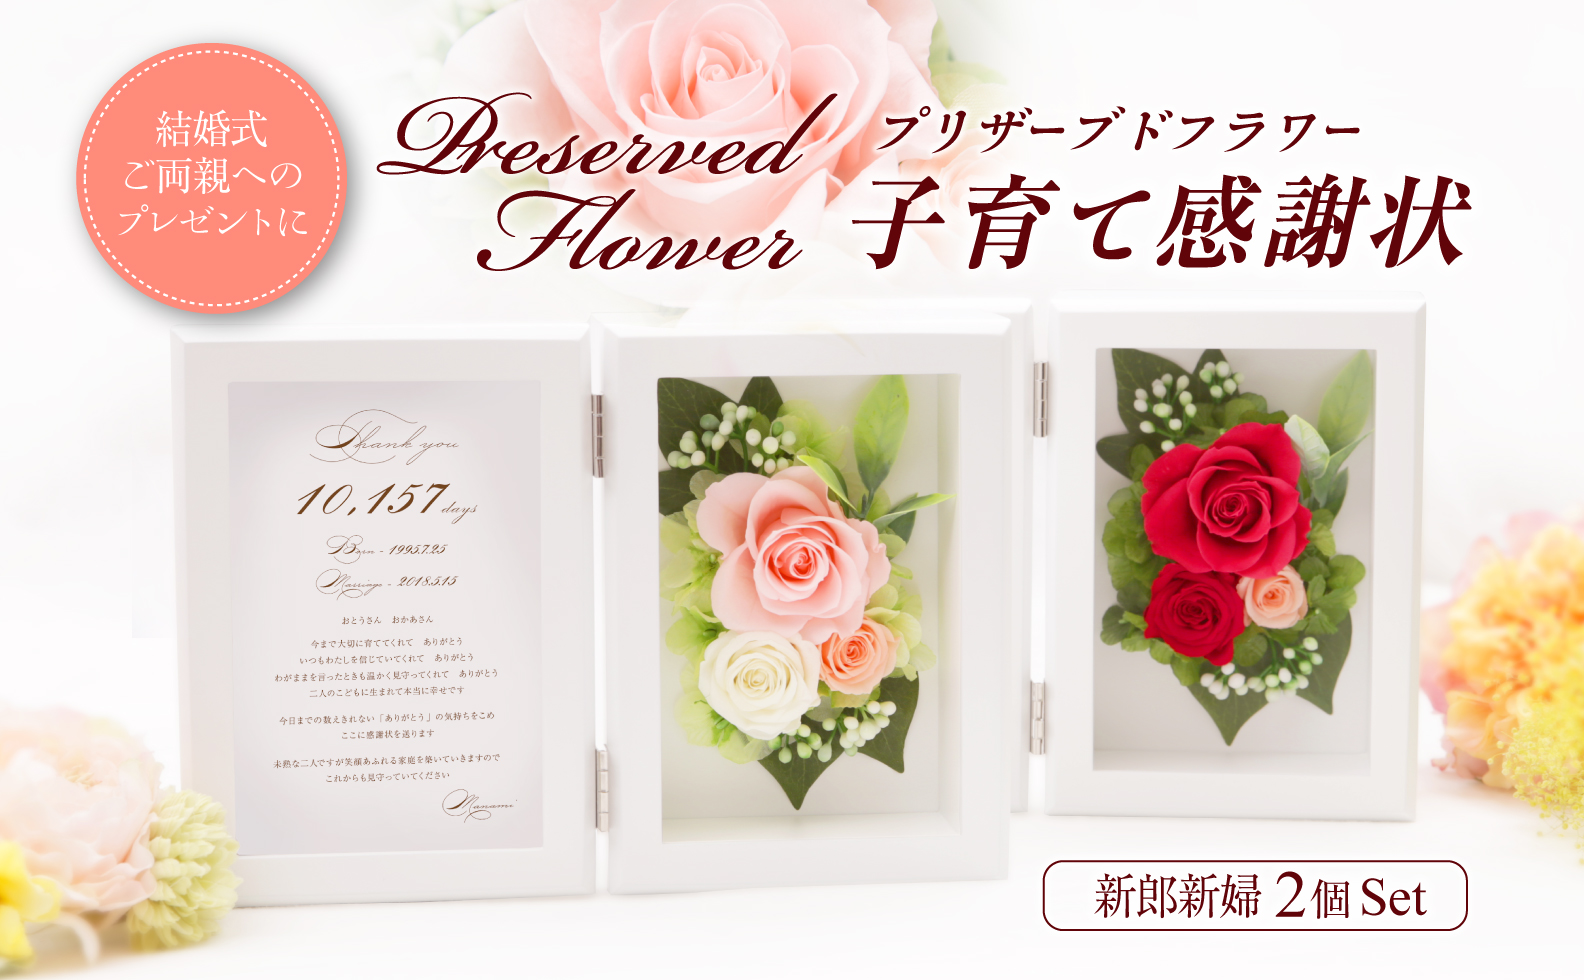 トコシェ・ウェディングシリーズより 『プリザーブドフラワー 子育て感謝状』が新登場!